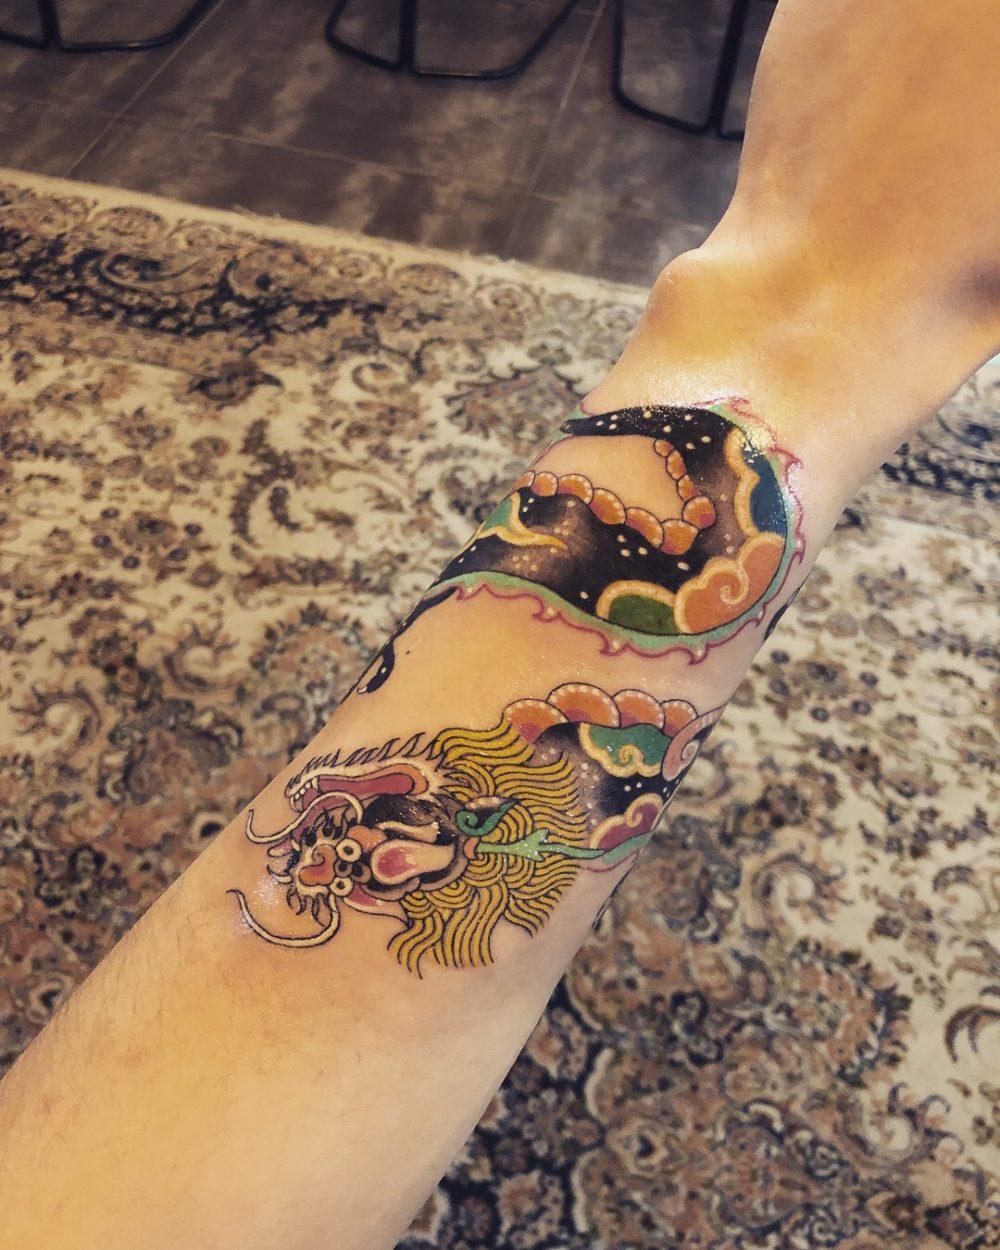 Pitta氏によるドラゴンのタトゥー|韓国のタトゥー